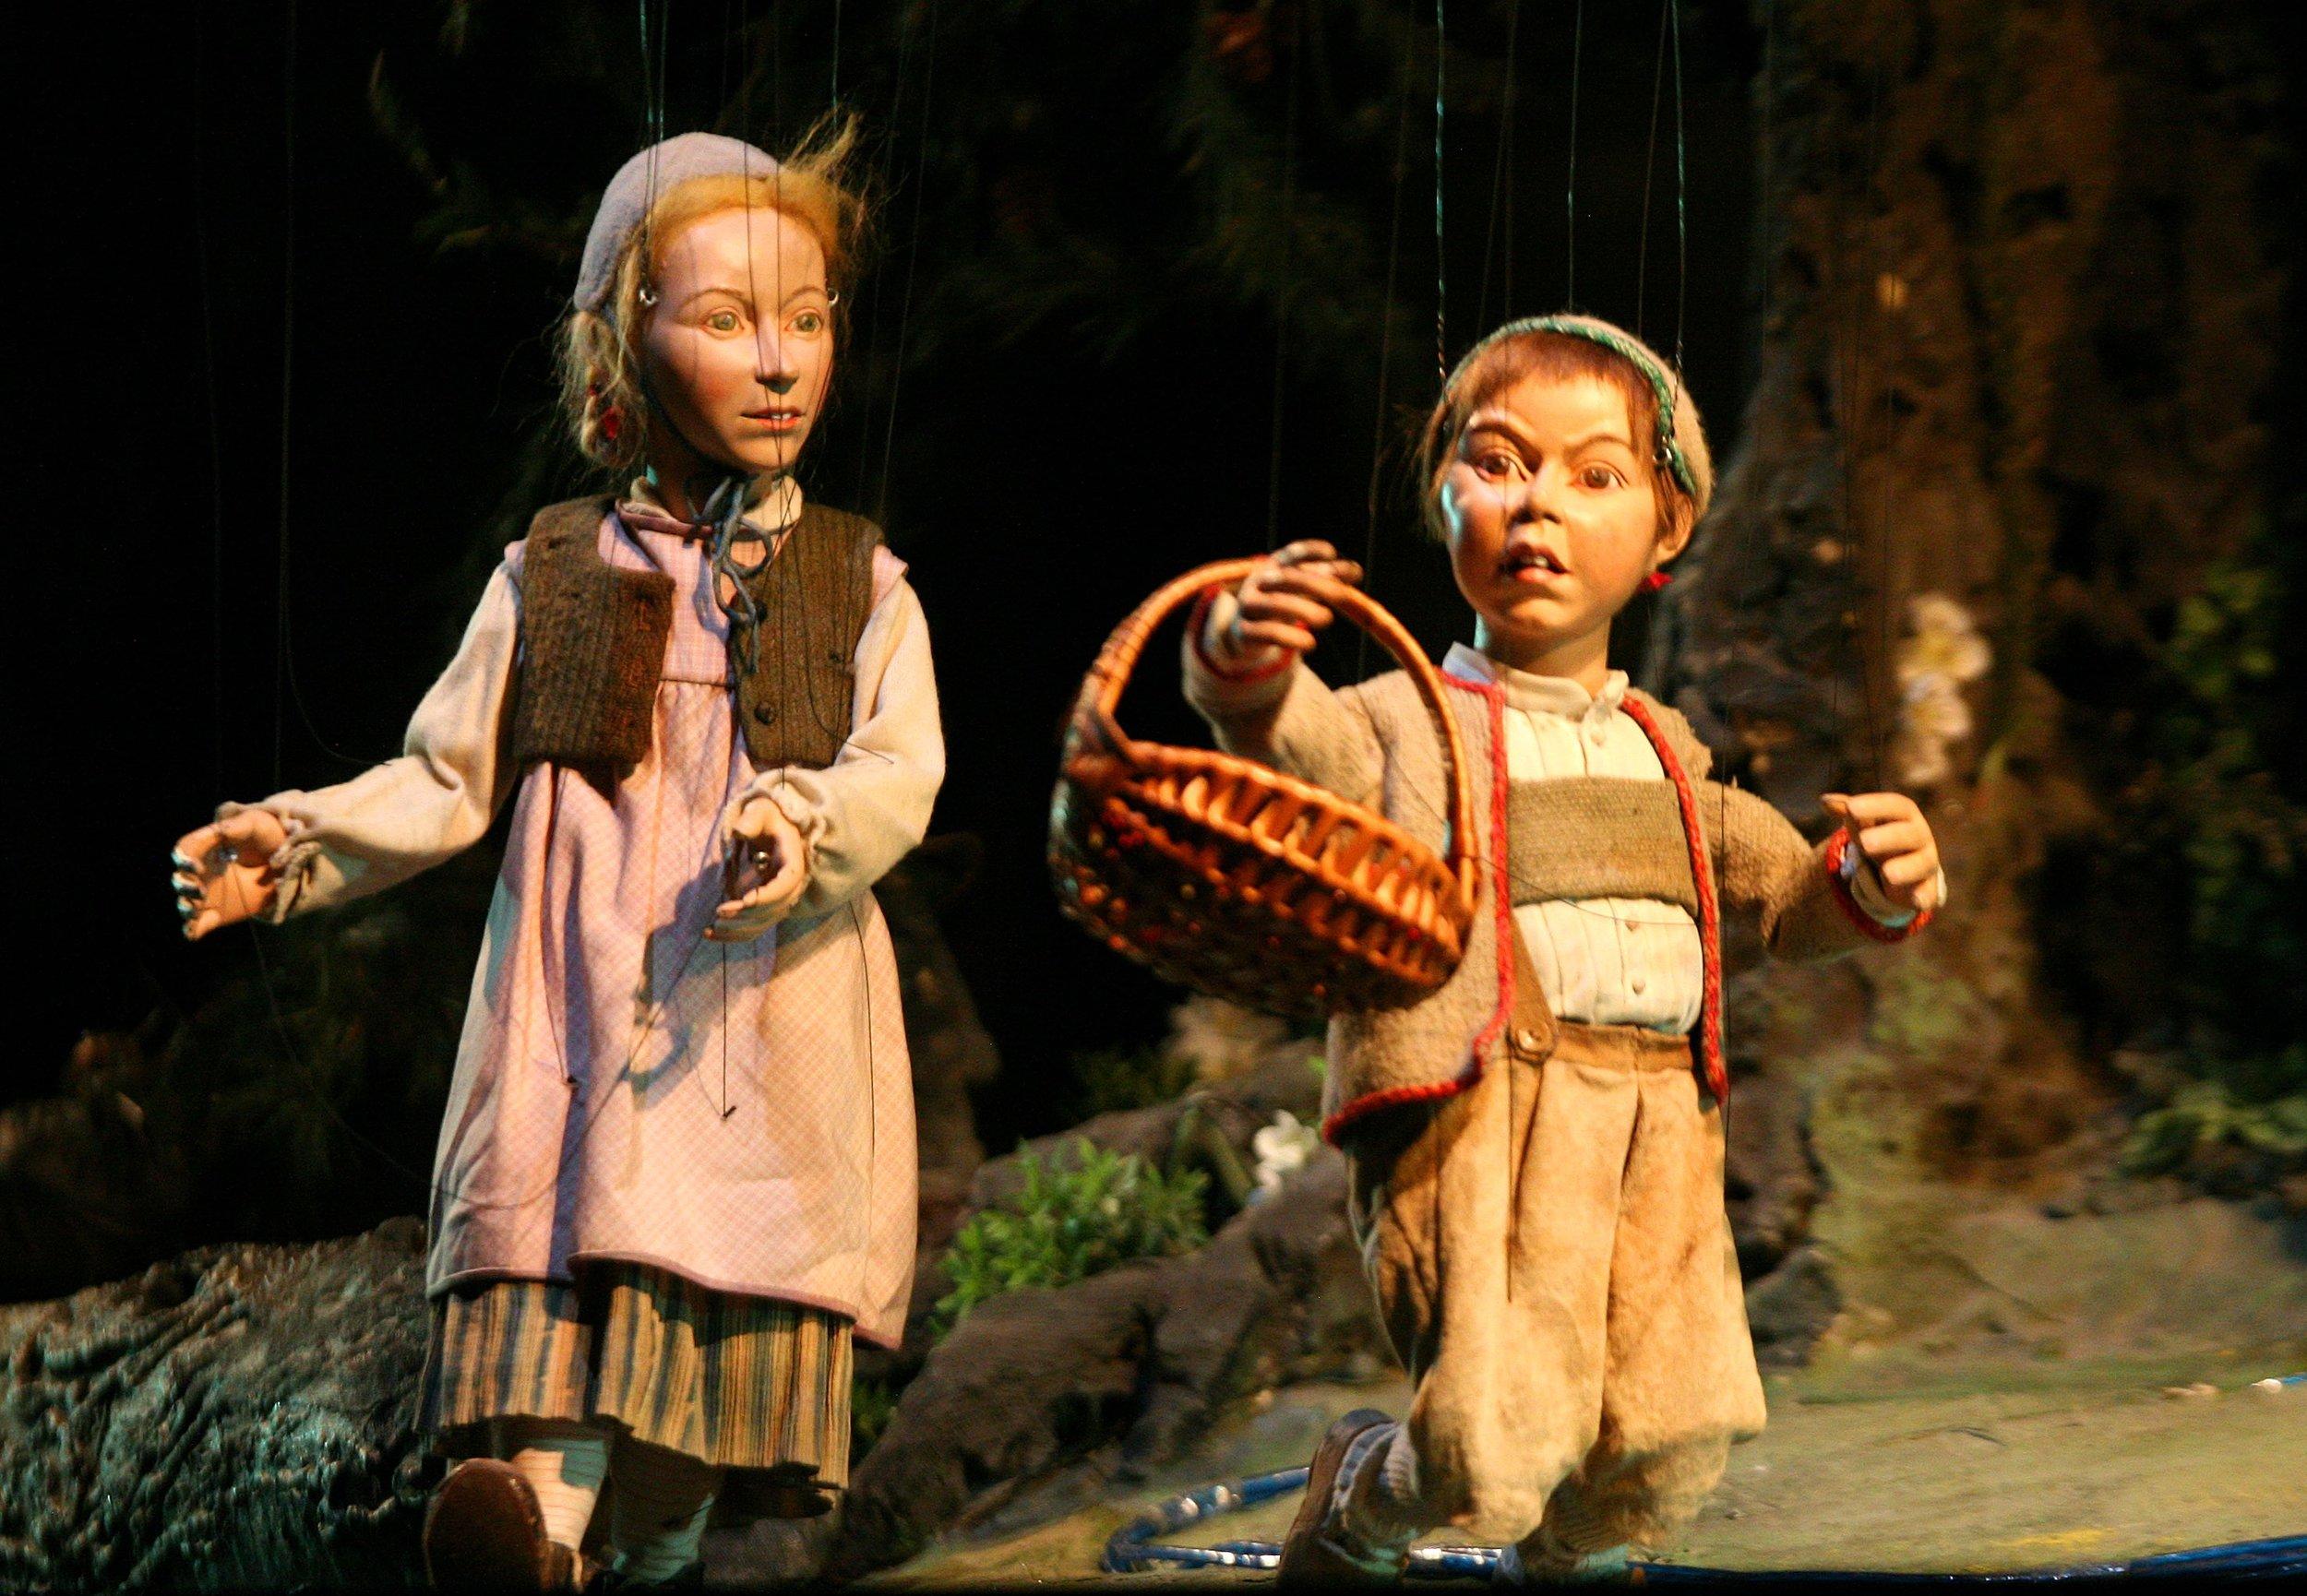 Gretel y Hansel caminando por el bosque